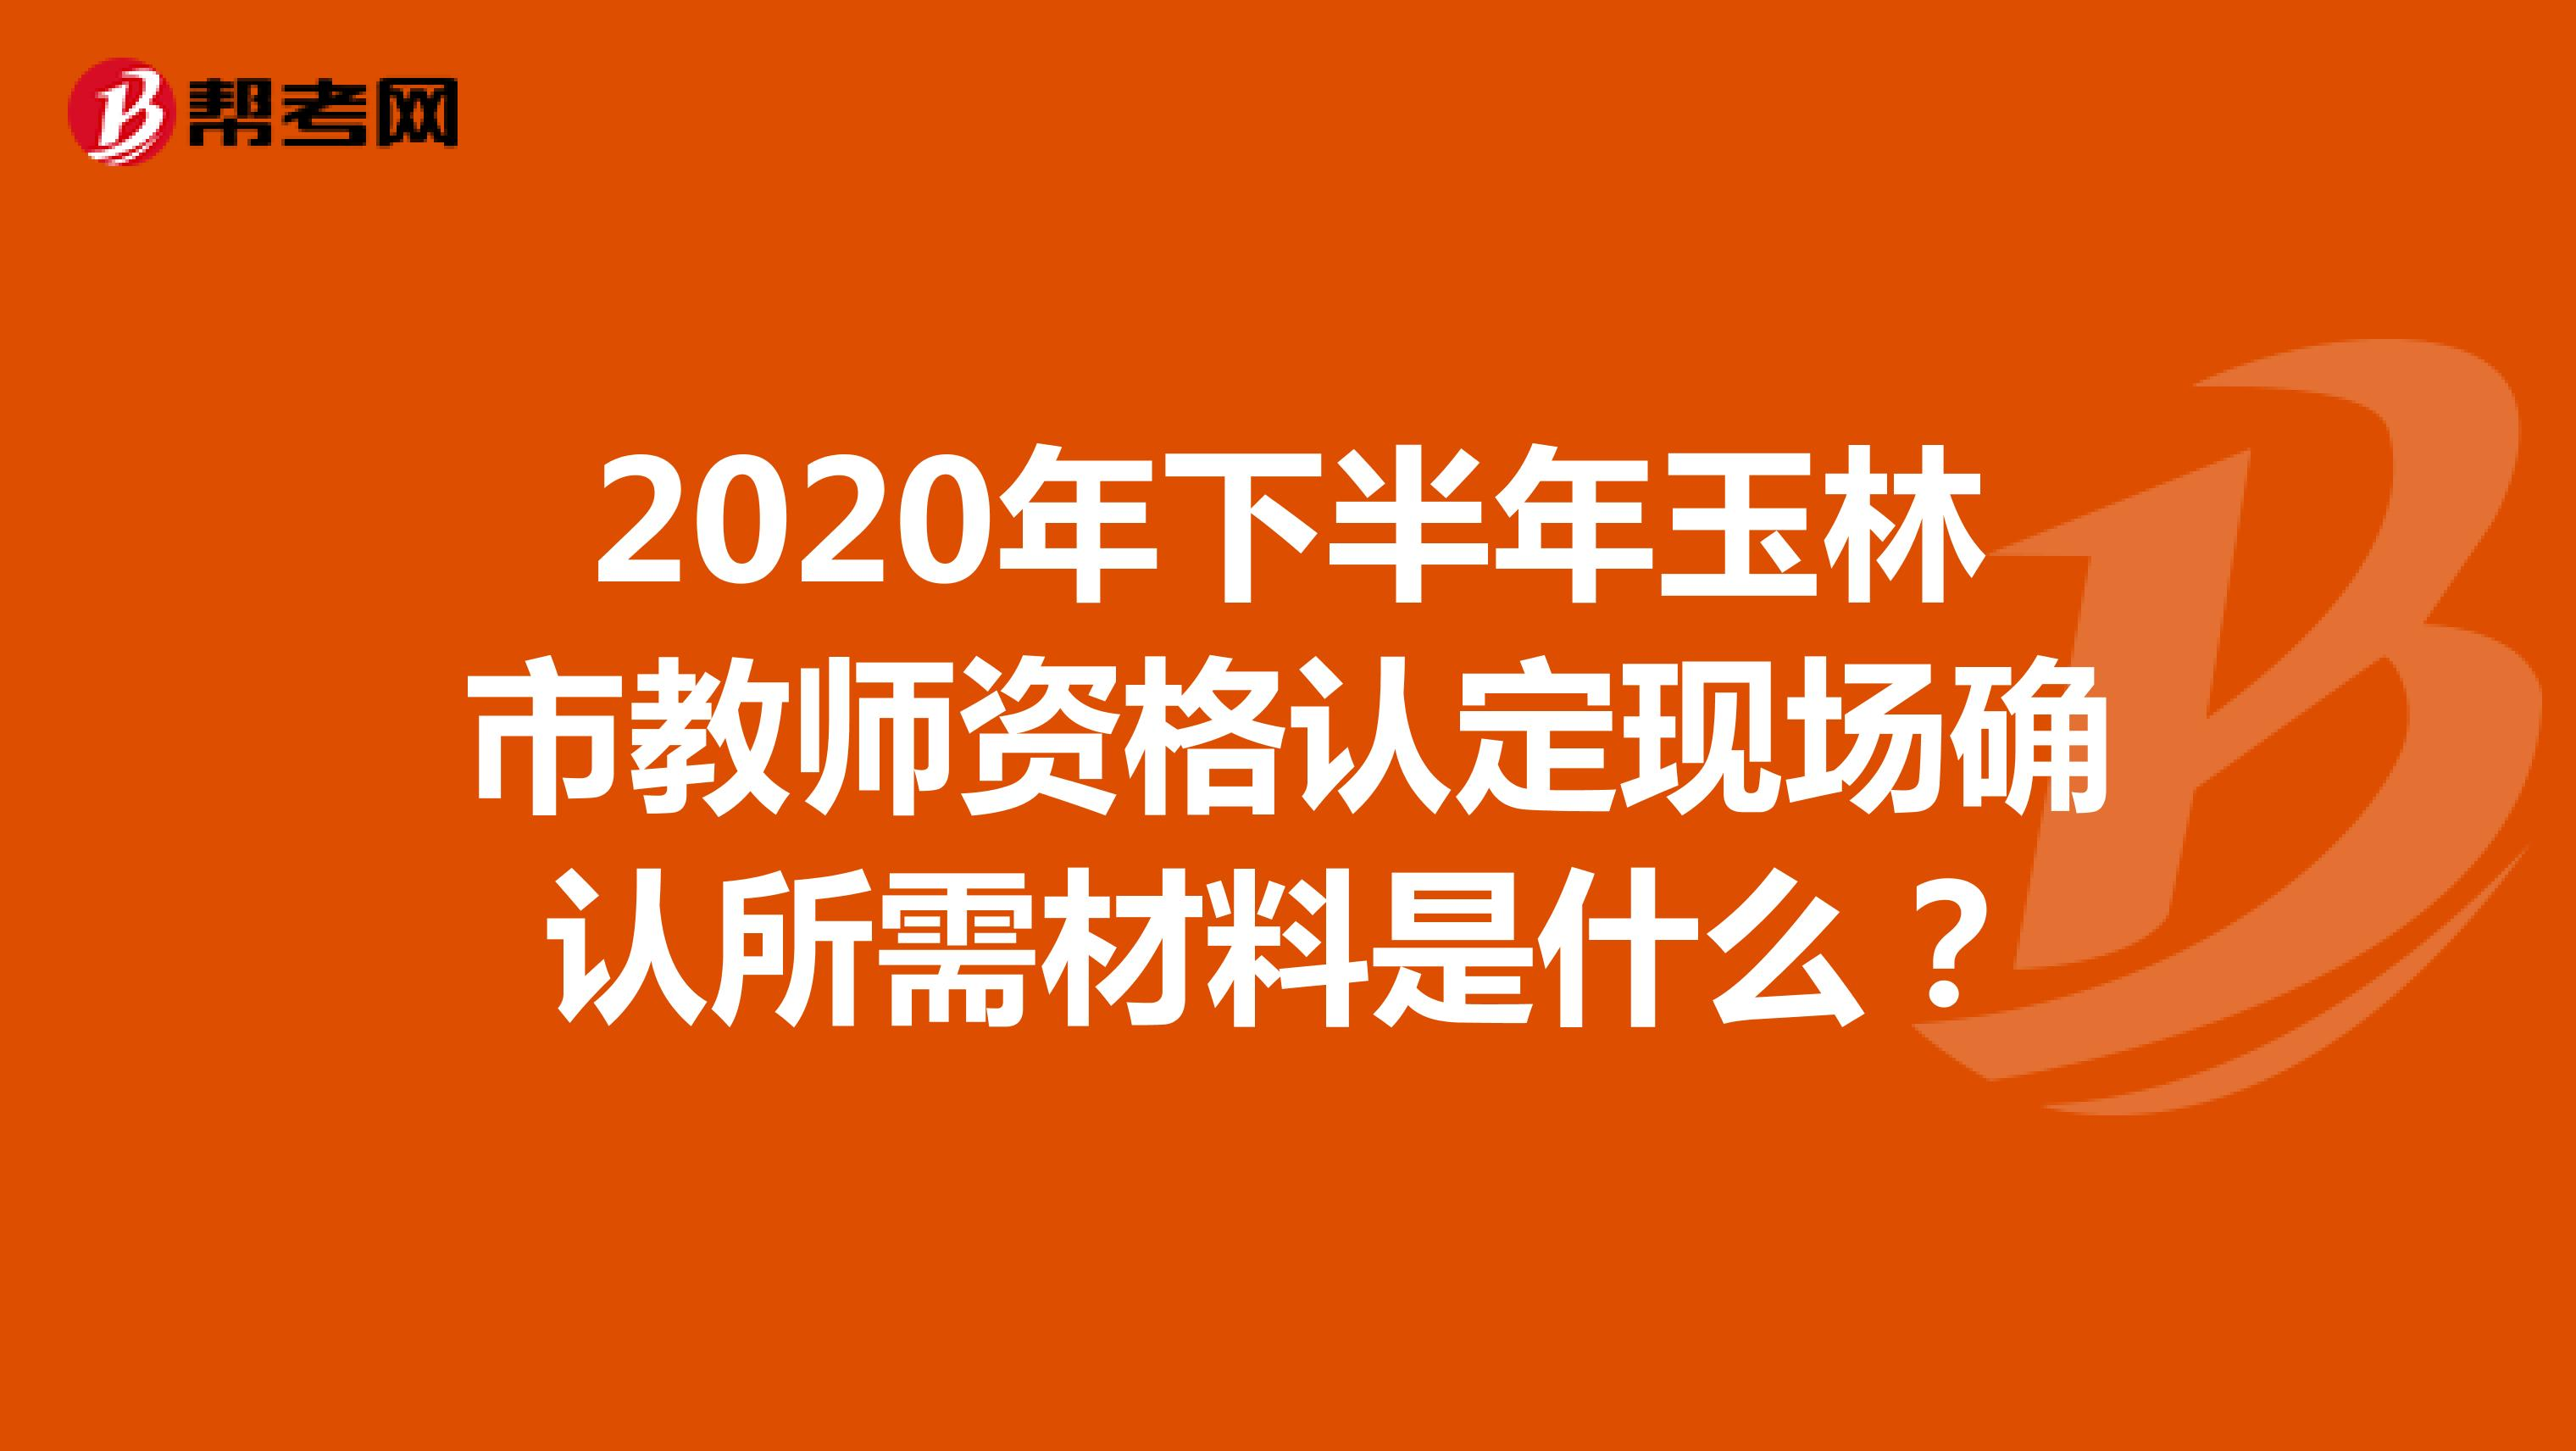 2020年下半年玉林市教师资格认定现场确认所需材料是什么?